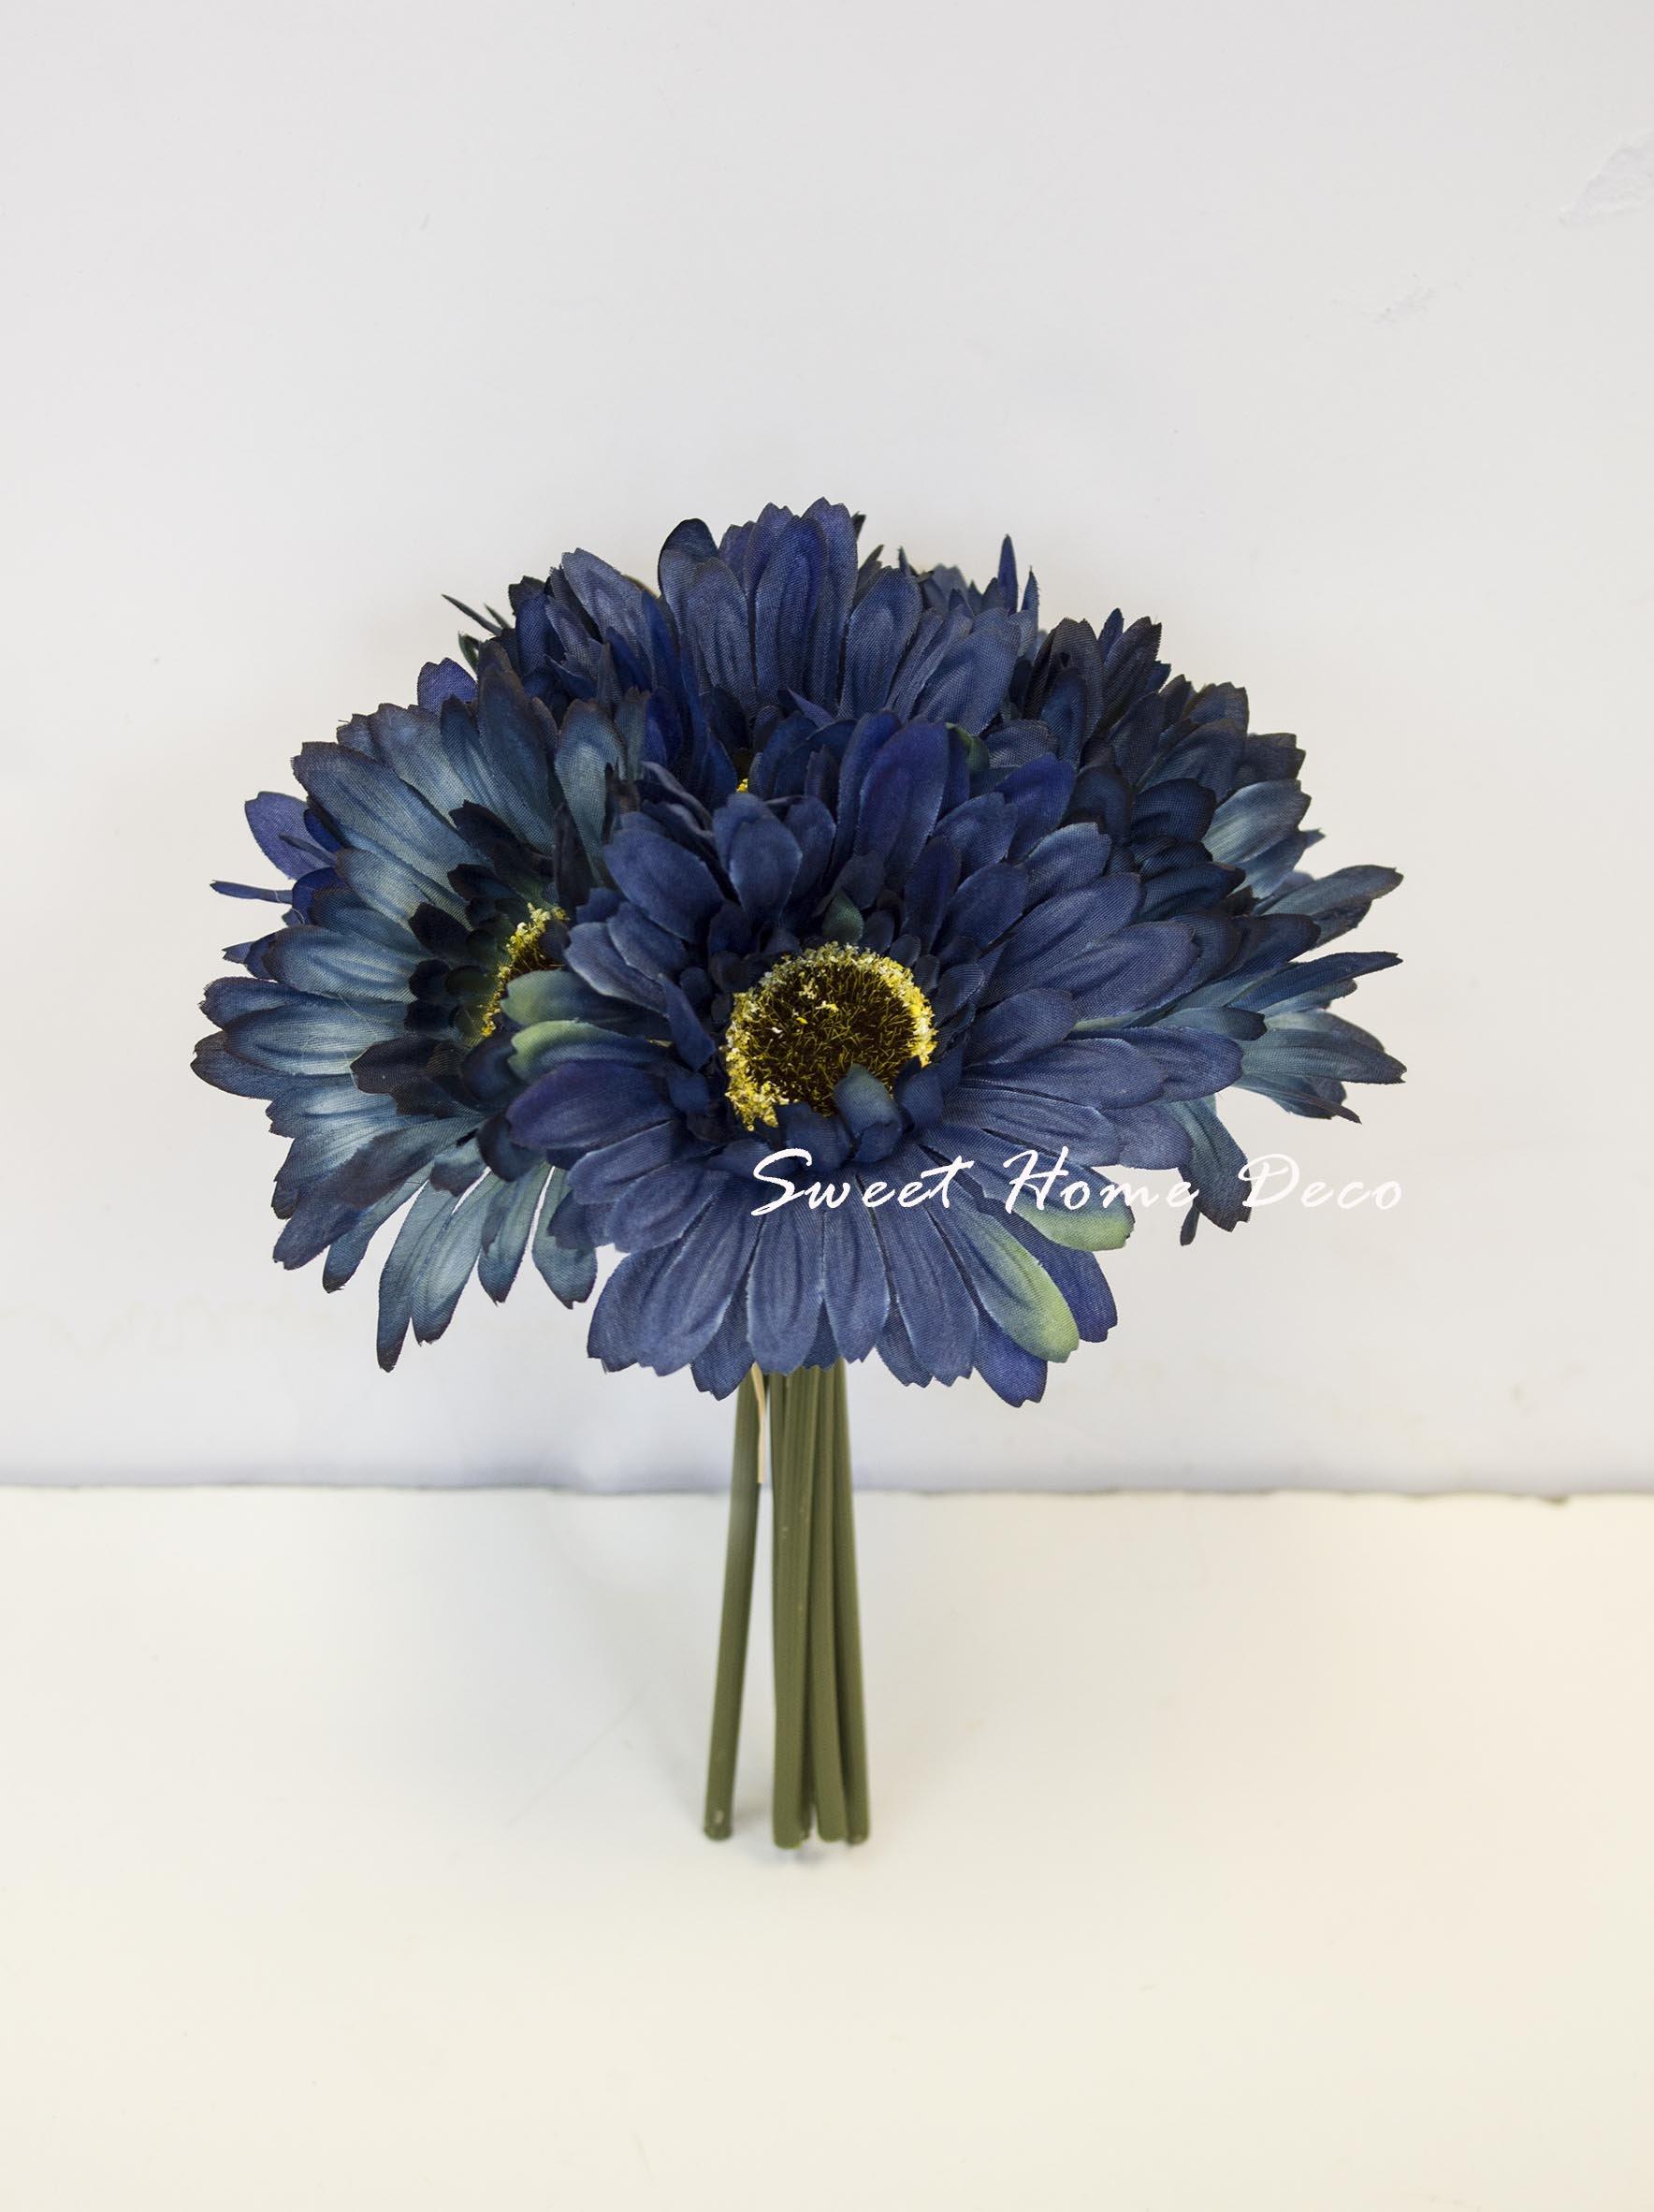 Buy sweet home dancing daisy silk flower arrangement in hollow pot sweet home deco 8 silk artificial gerbera daisy flower bunch w 7stems 7 flower heads homewedding new colors navy blue izmirmasajfo